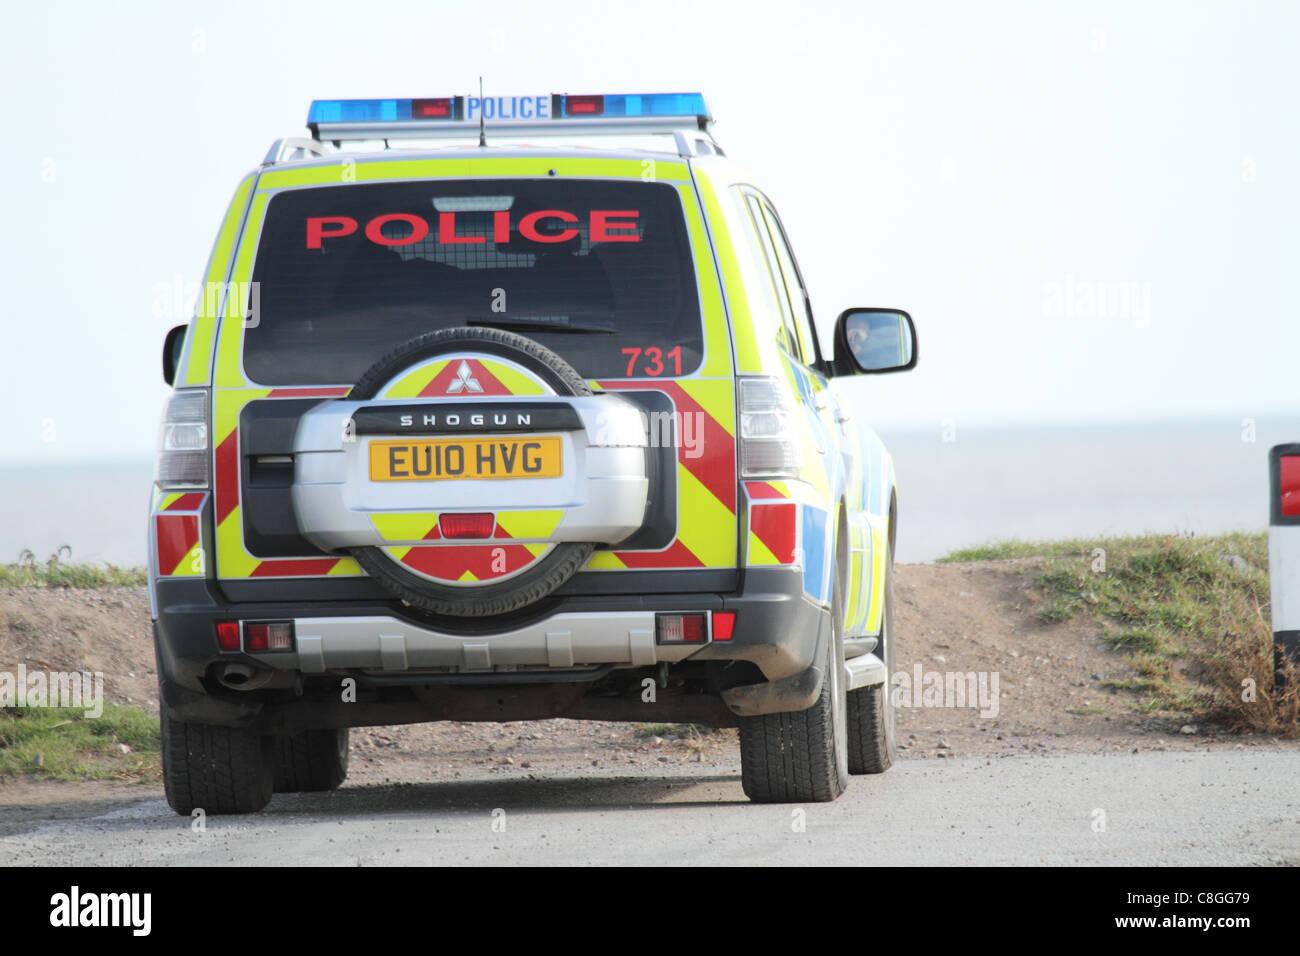 police car - Stock Image